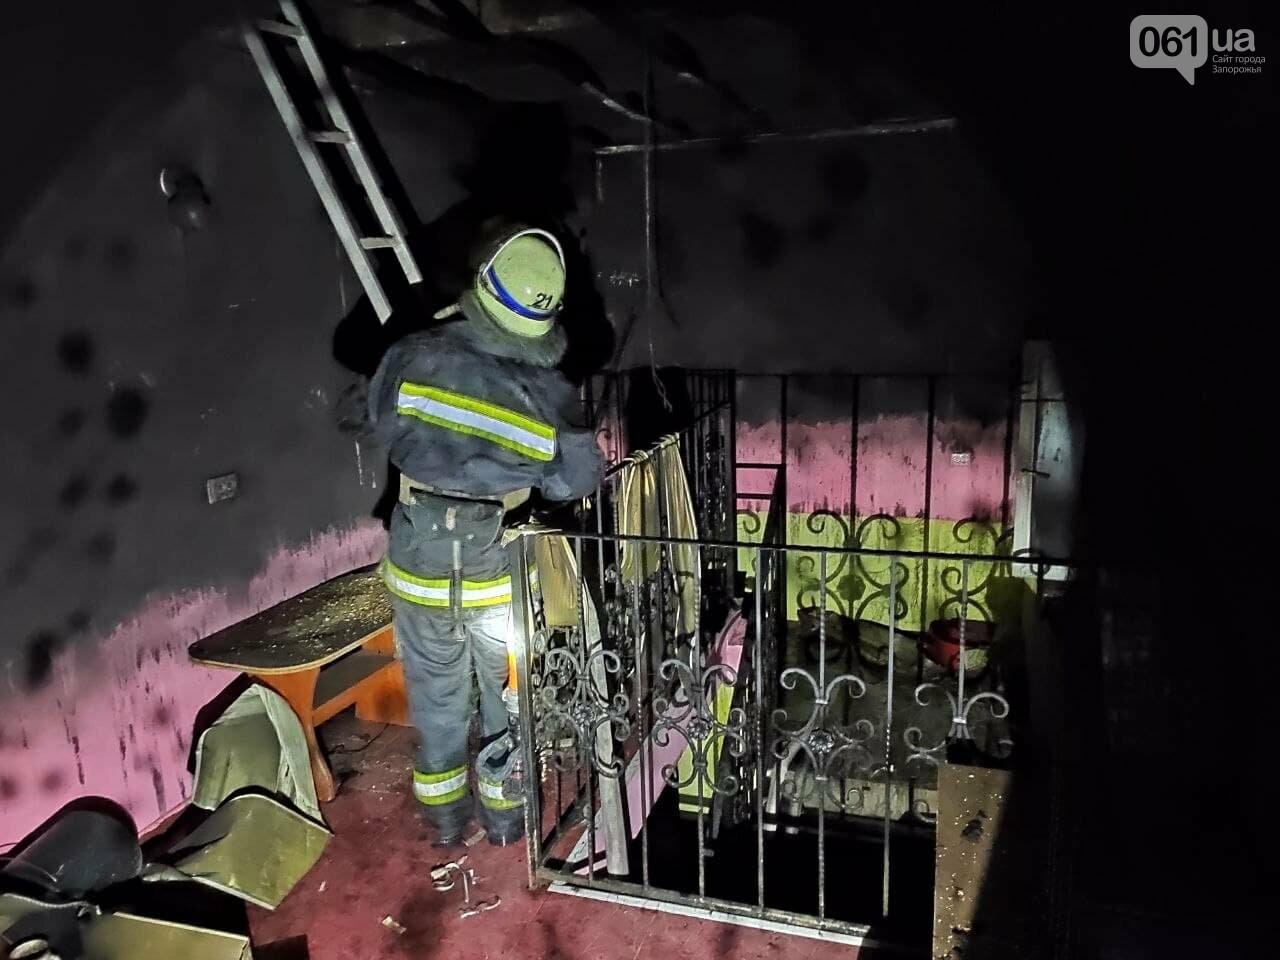 Под Запорожьем пожарные спасли мужчину, который едва не погиб из-за неосторожного обращения с огнем, фото-1